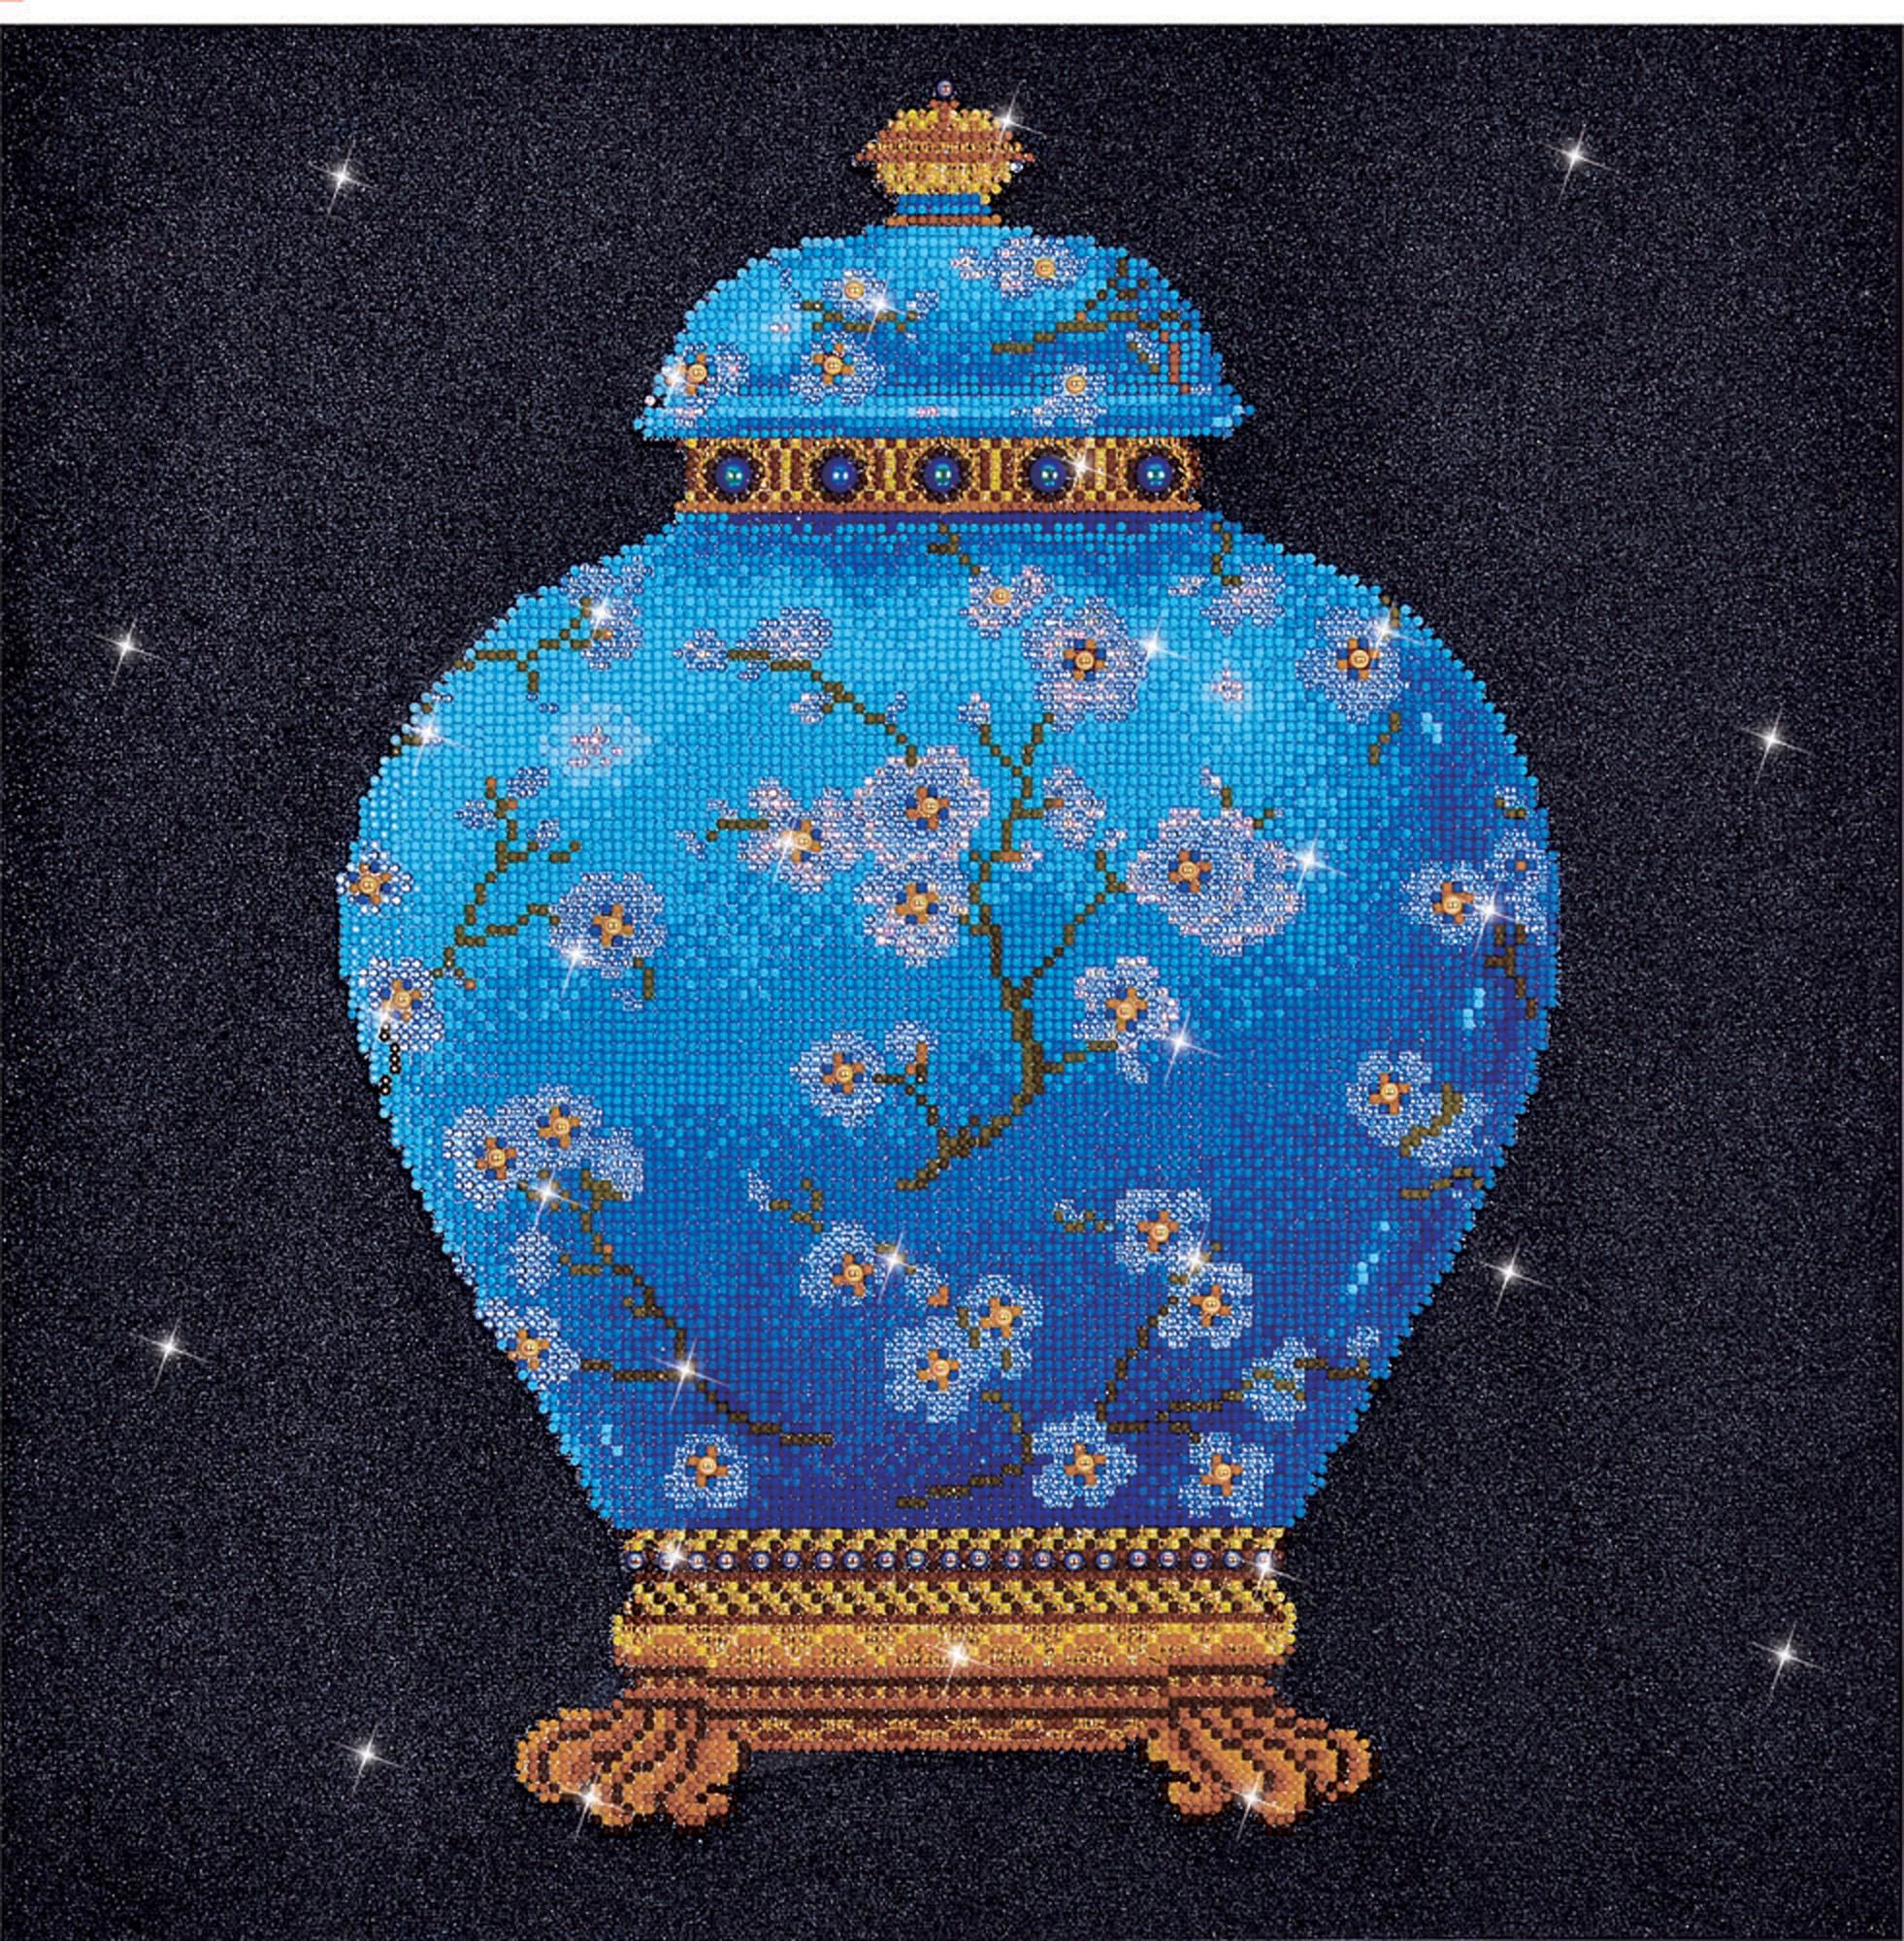 Tablou cu diamante - Vază albastră, 52 x 52 cm imagine edituradiana.ro